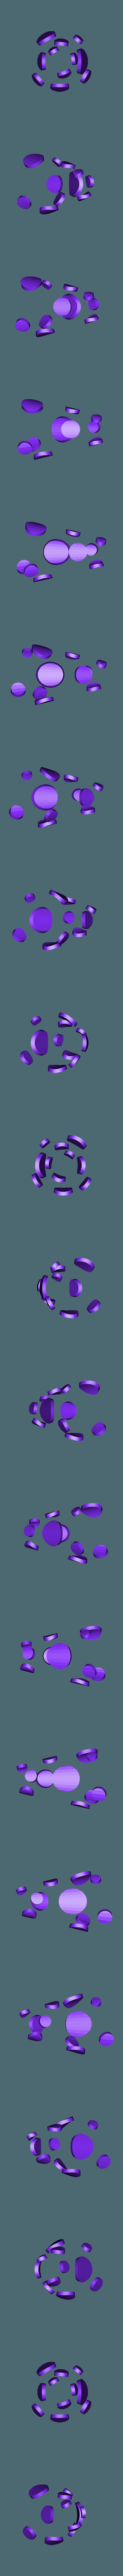 mole_cone_B.stl Télécharger fichier STL gratuit Collection de cônes de circulation de la mode • Design imprimable en 3D, Render